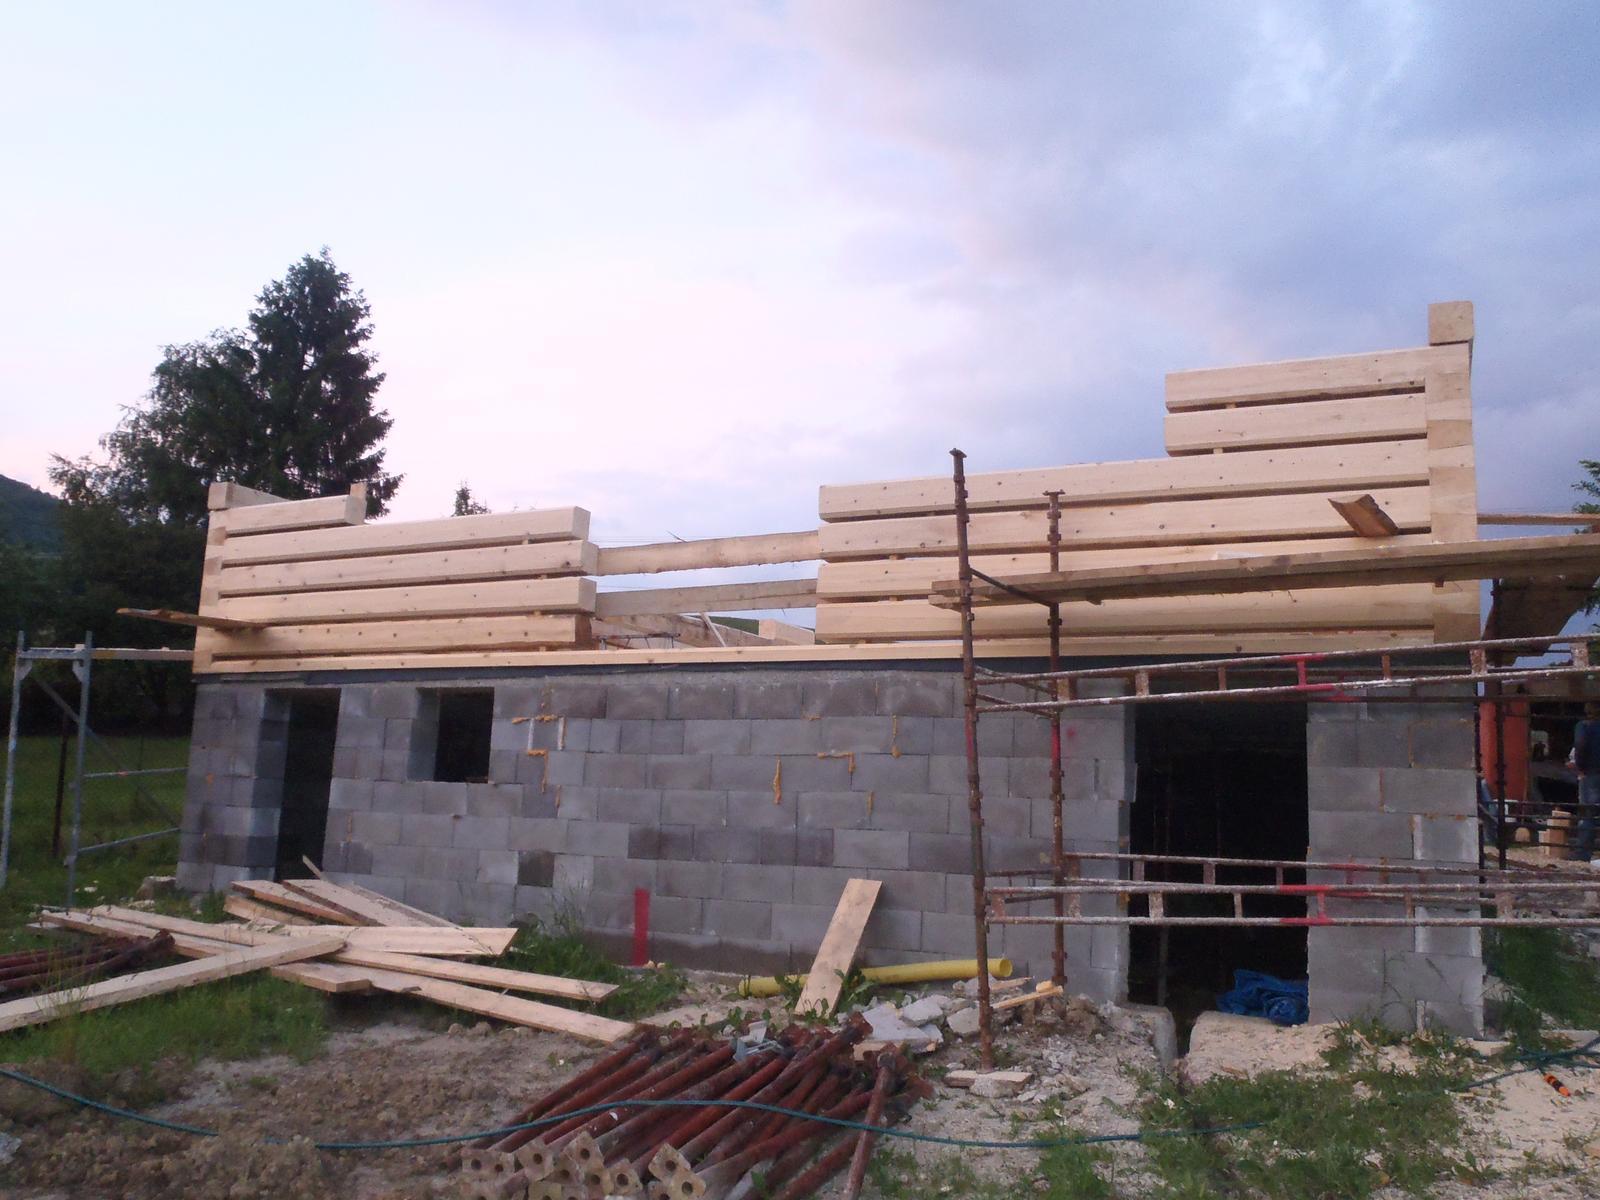 Náš veľký sen o drevenom domčeku! - Obrázok č. 75